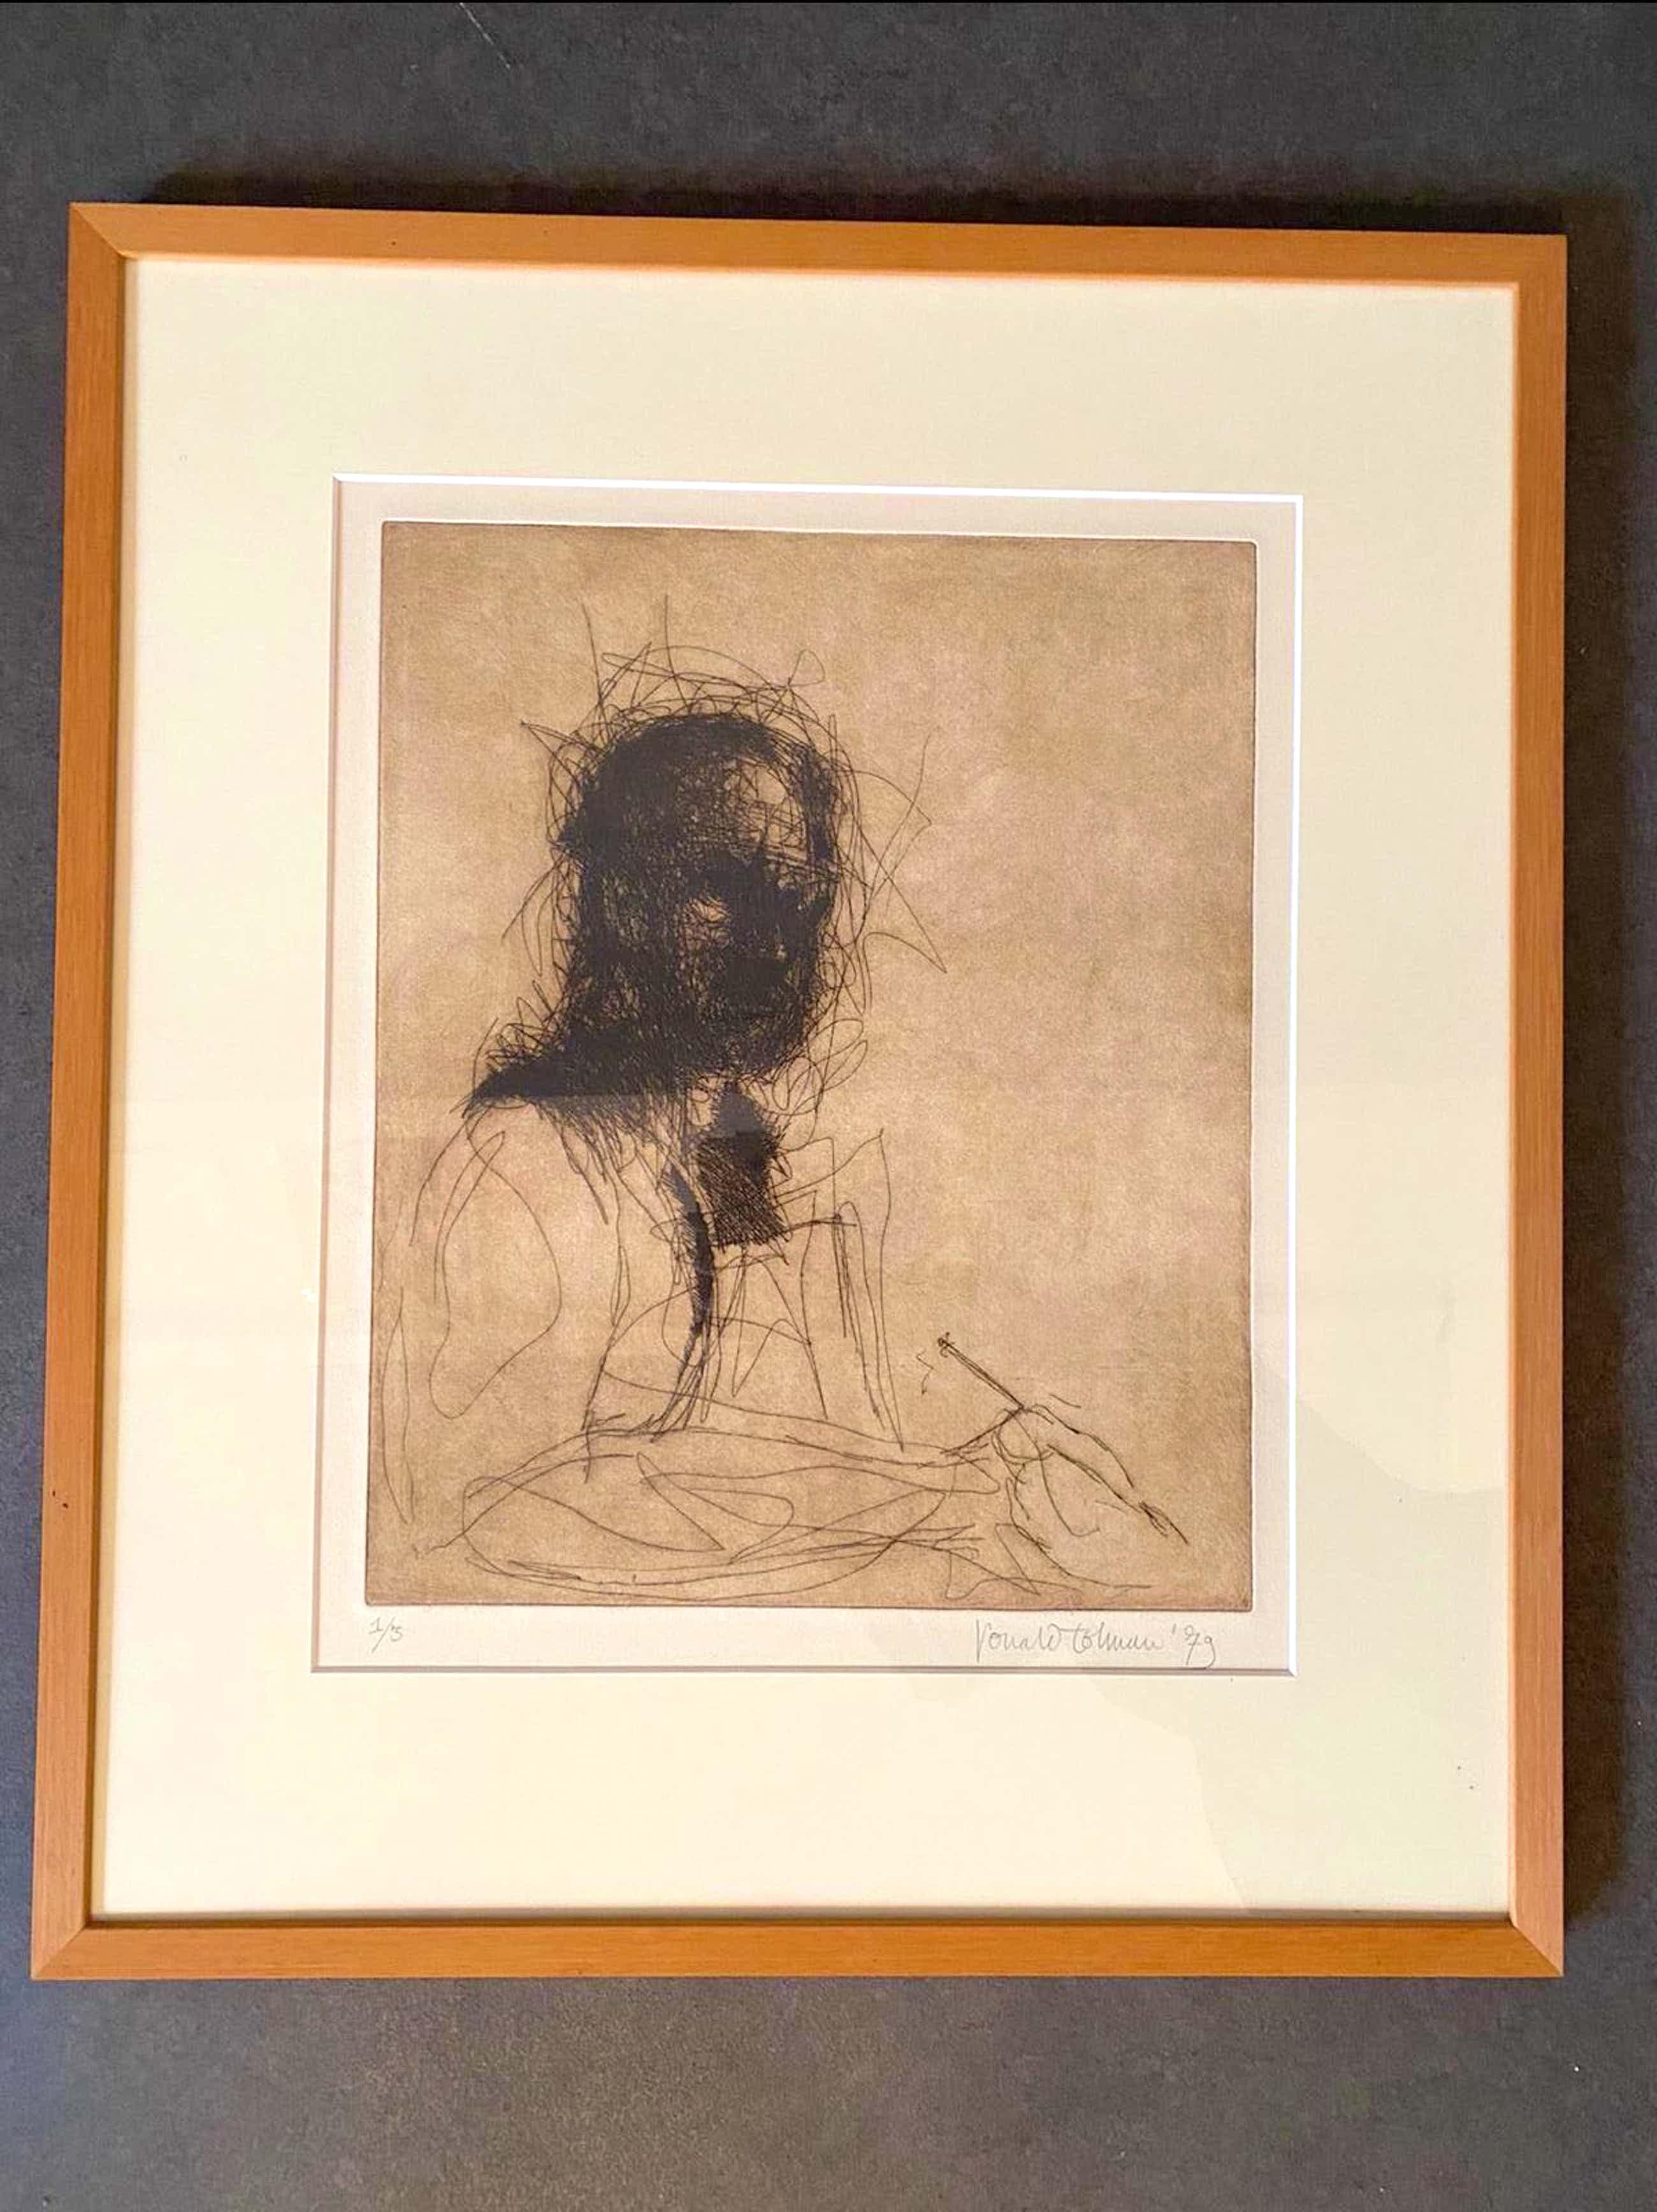 Ronald Tolman - Portret van Constant kopen? Bied vanaf 175!